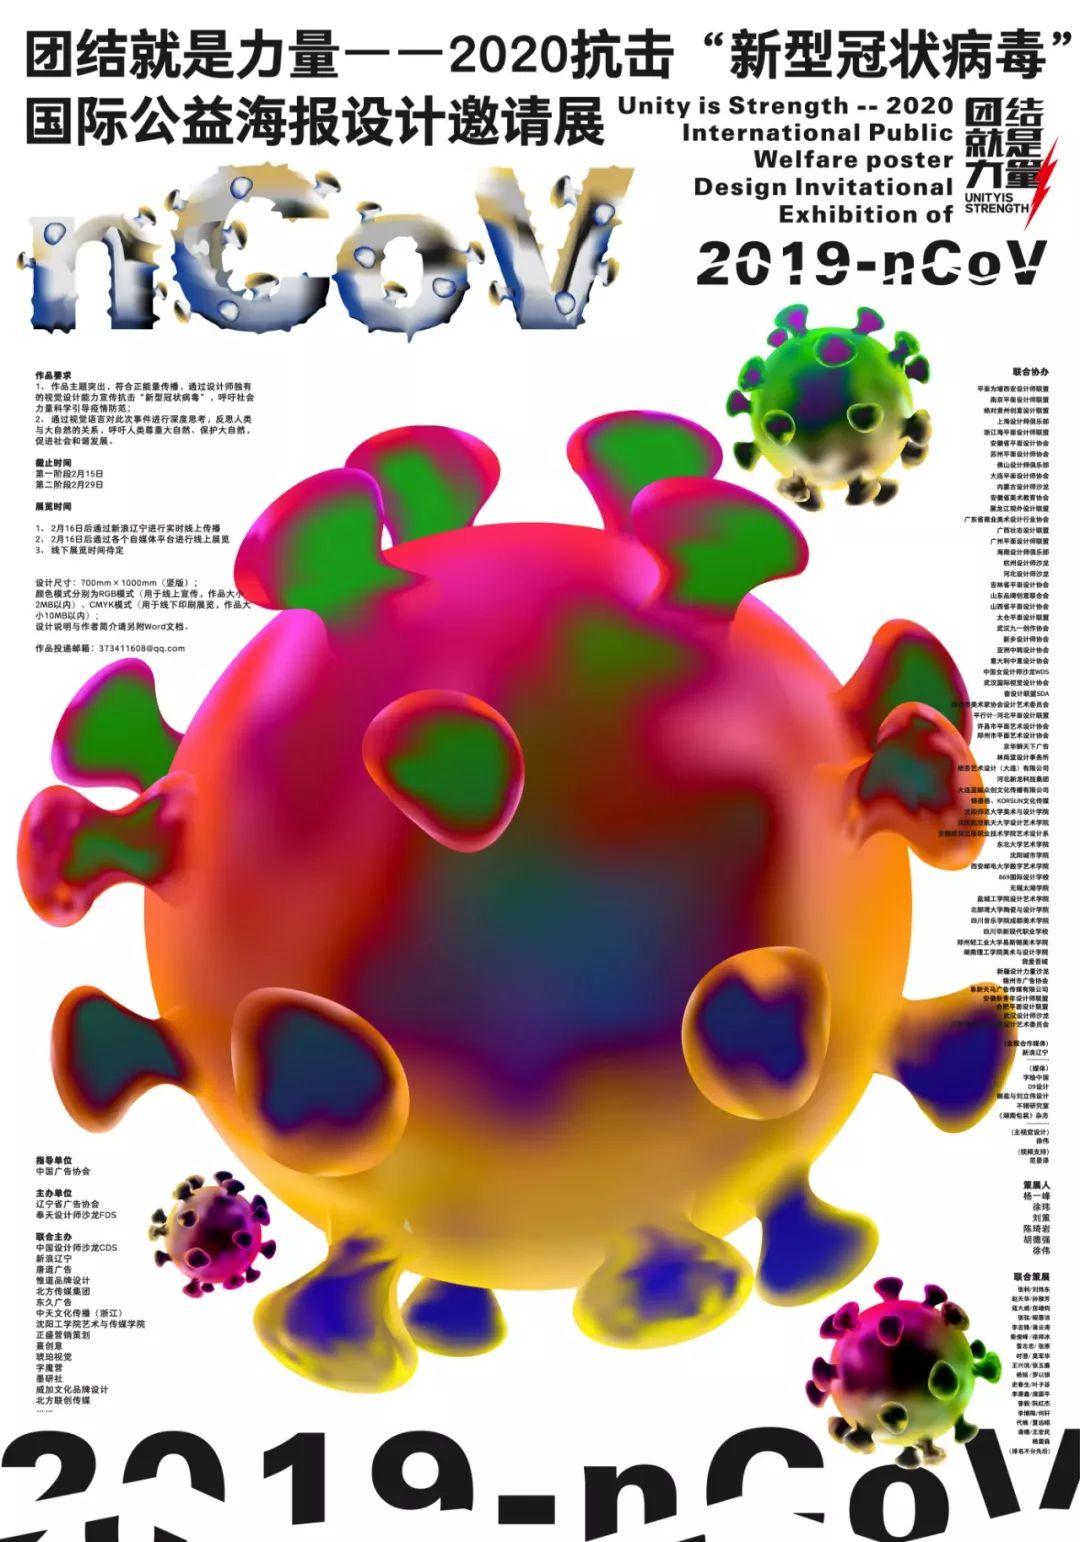 """团结就是力量——2020抗击""""新型冠状病毒""""国际公益海报设计邀请展纪实合集一插图(120)"""